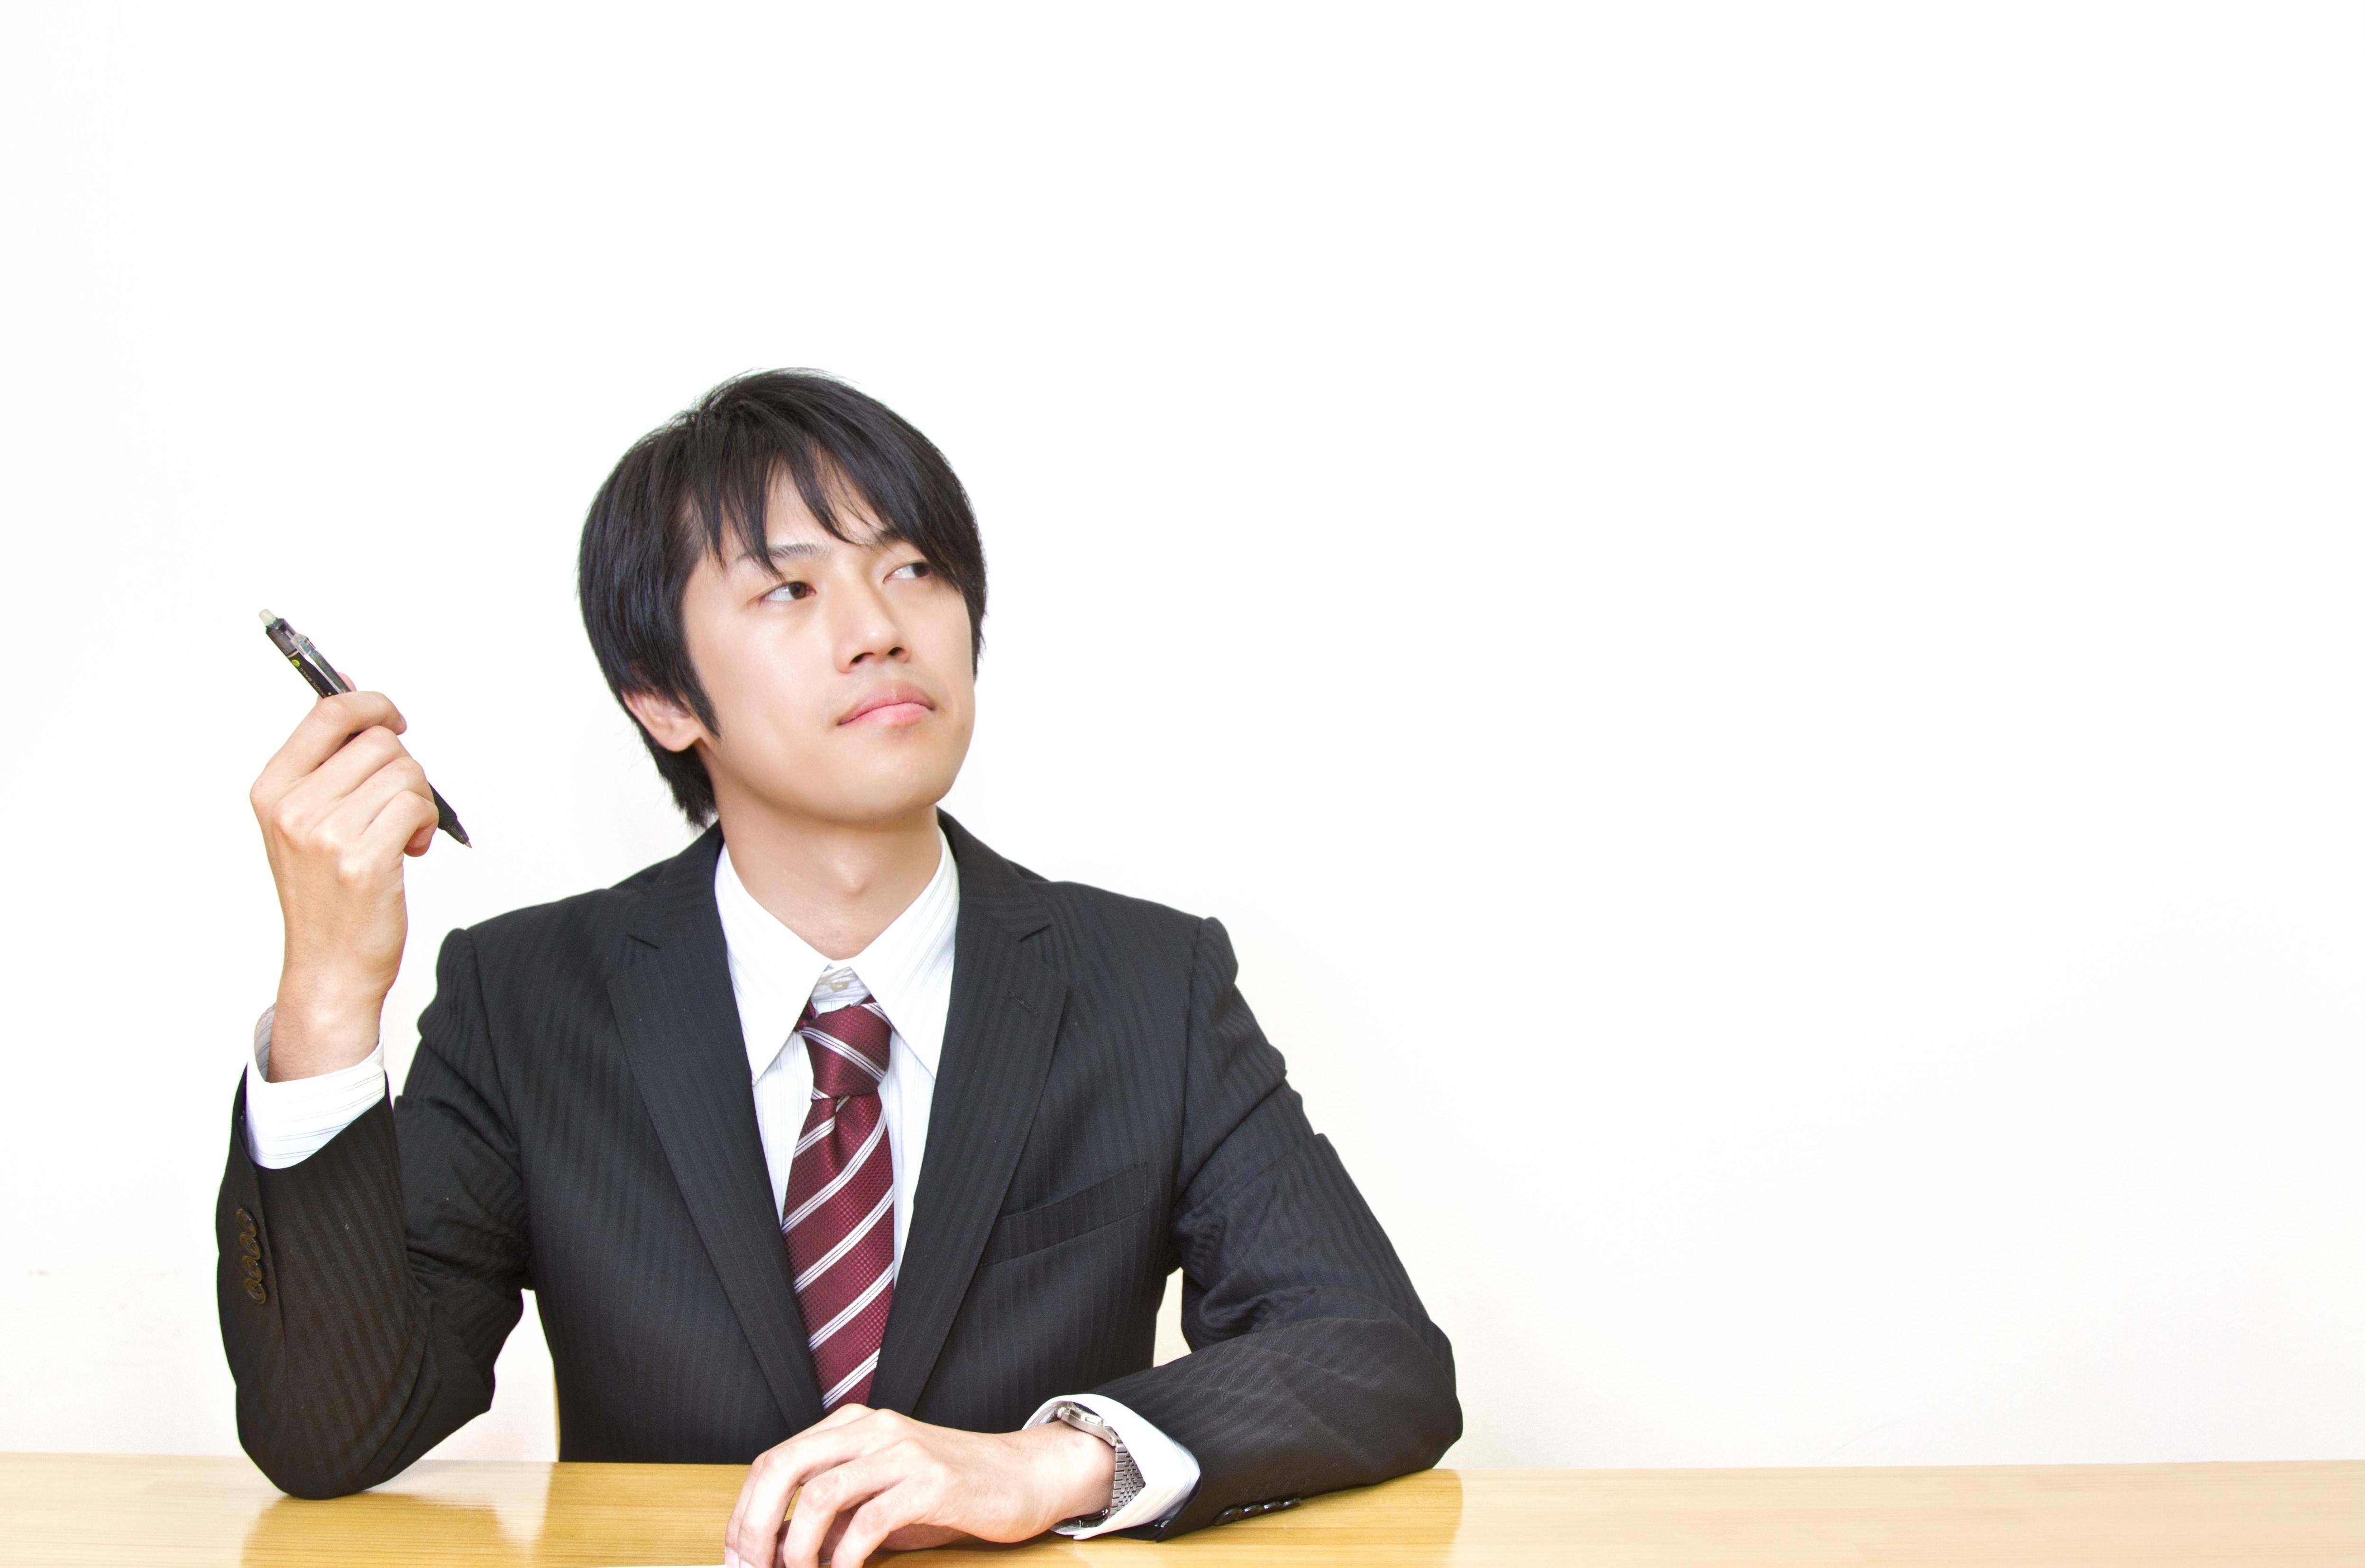 転職に自信が持てない8つの理由|どうしても持てない場合の対処法